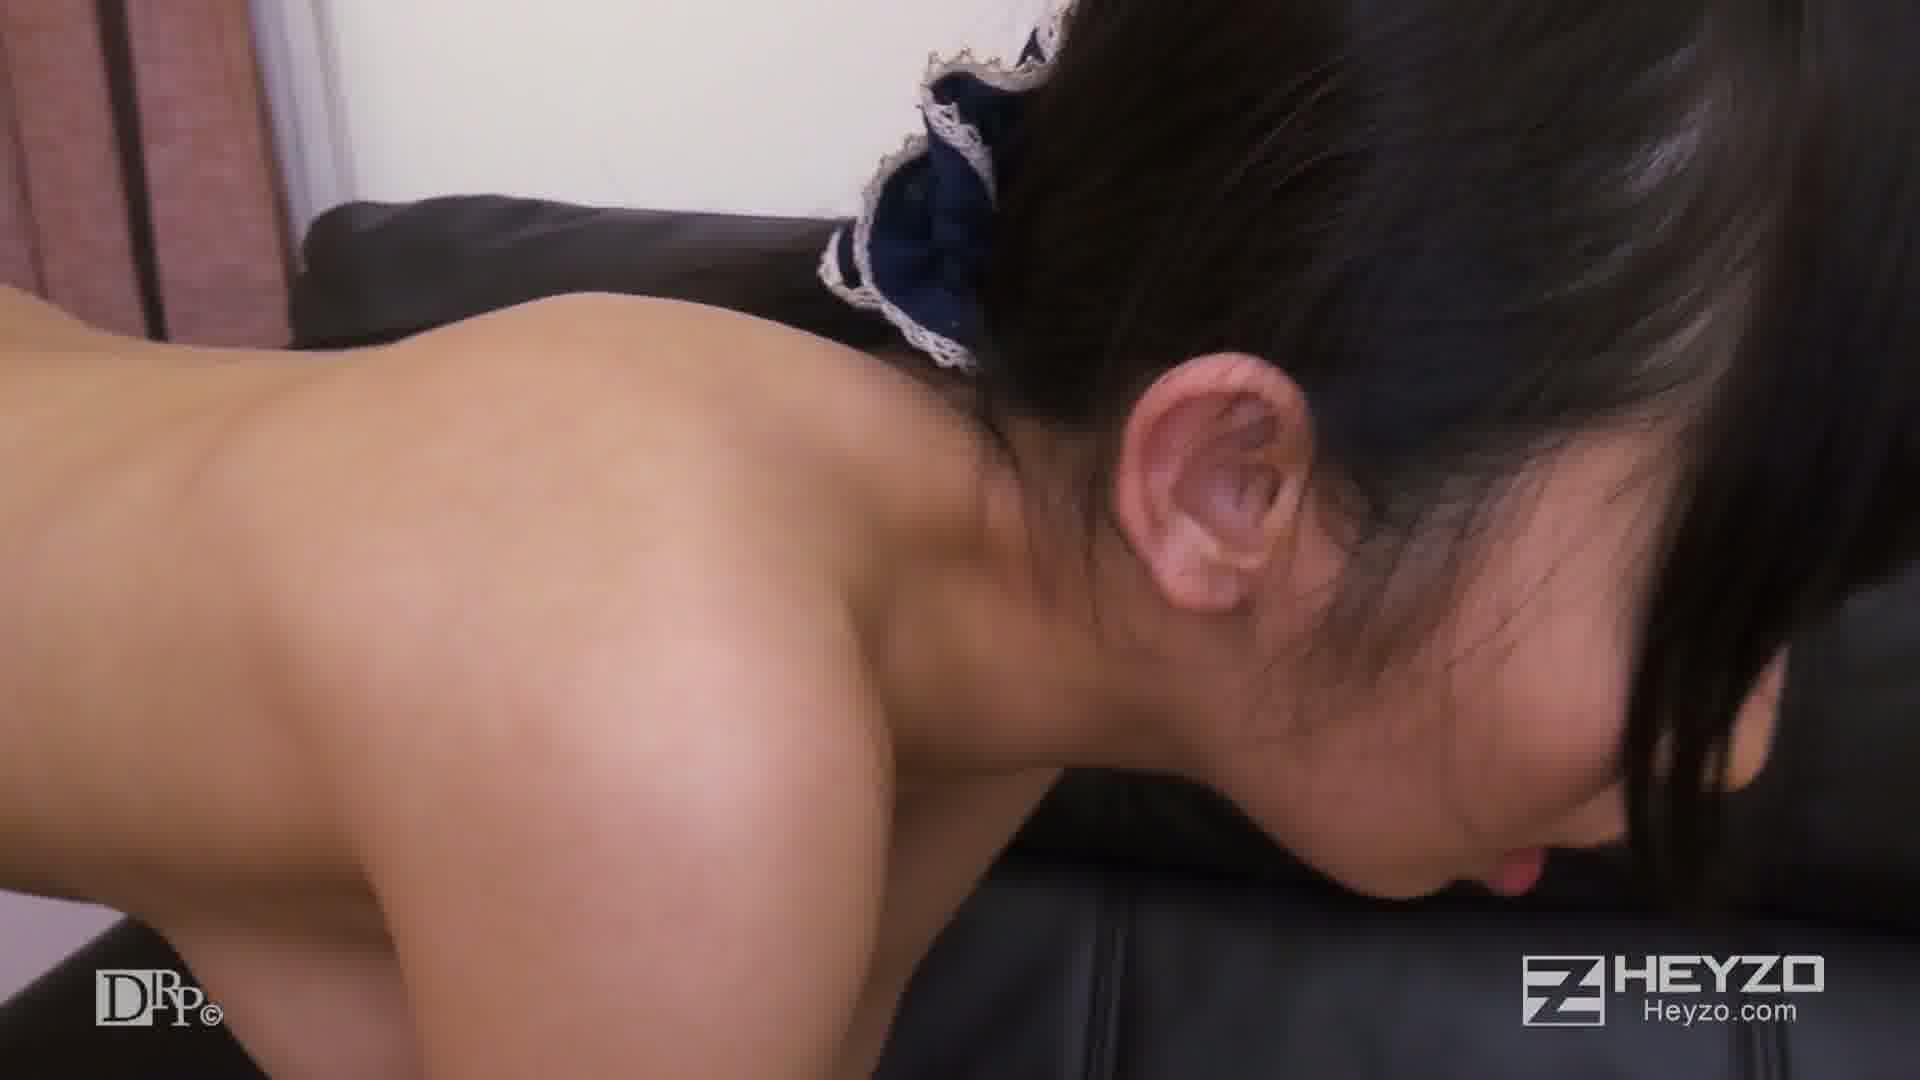 淫らな二人羽織~下の口でニンジンいただきます!~ - 美咲結衣【騎乗背面位 バック 騎乗位 正常位 側位 中だし】